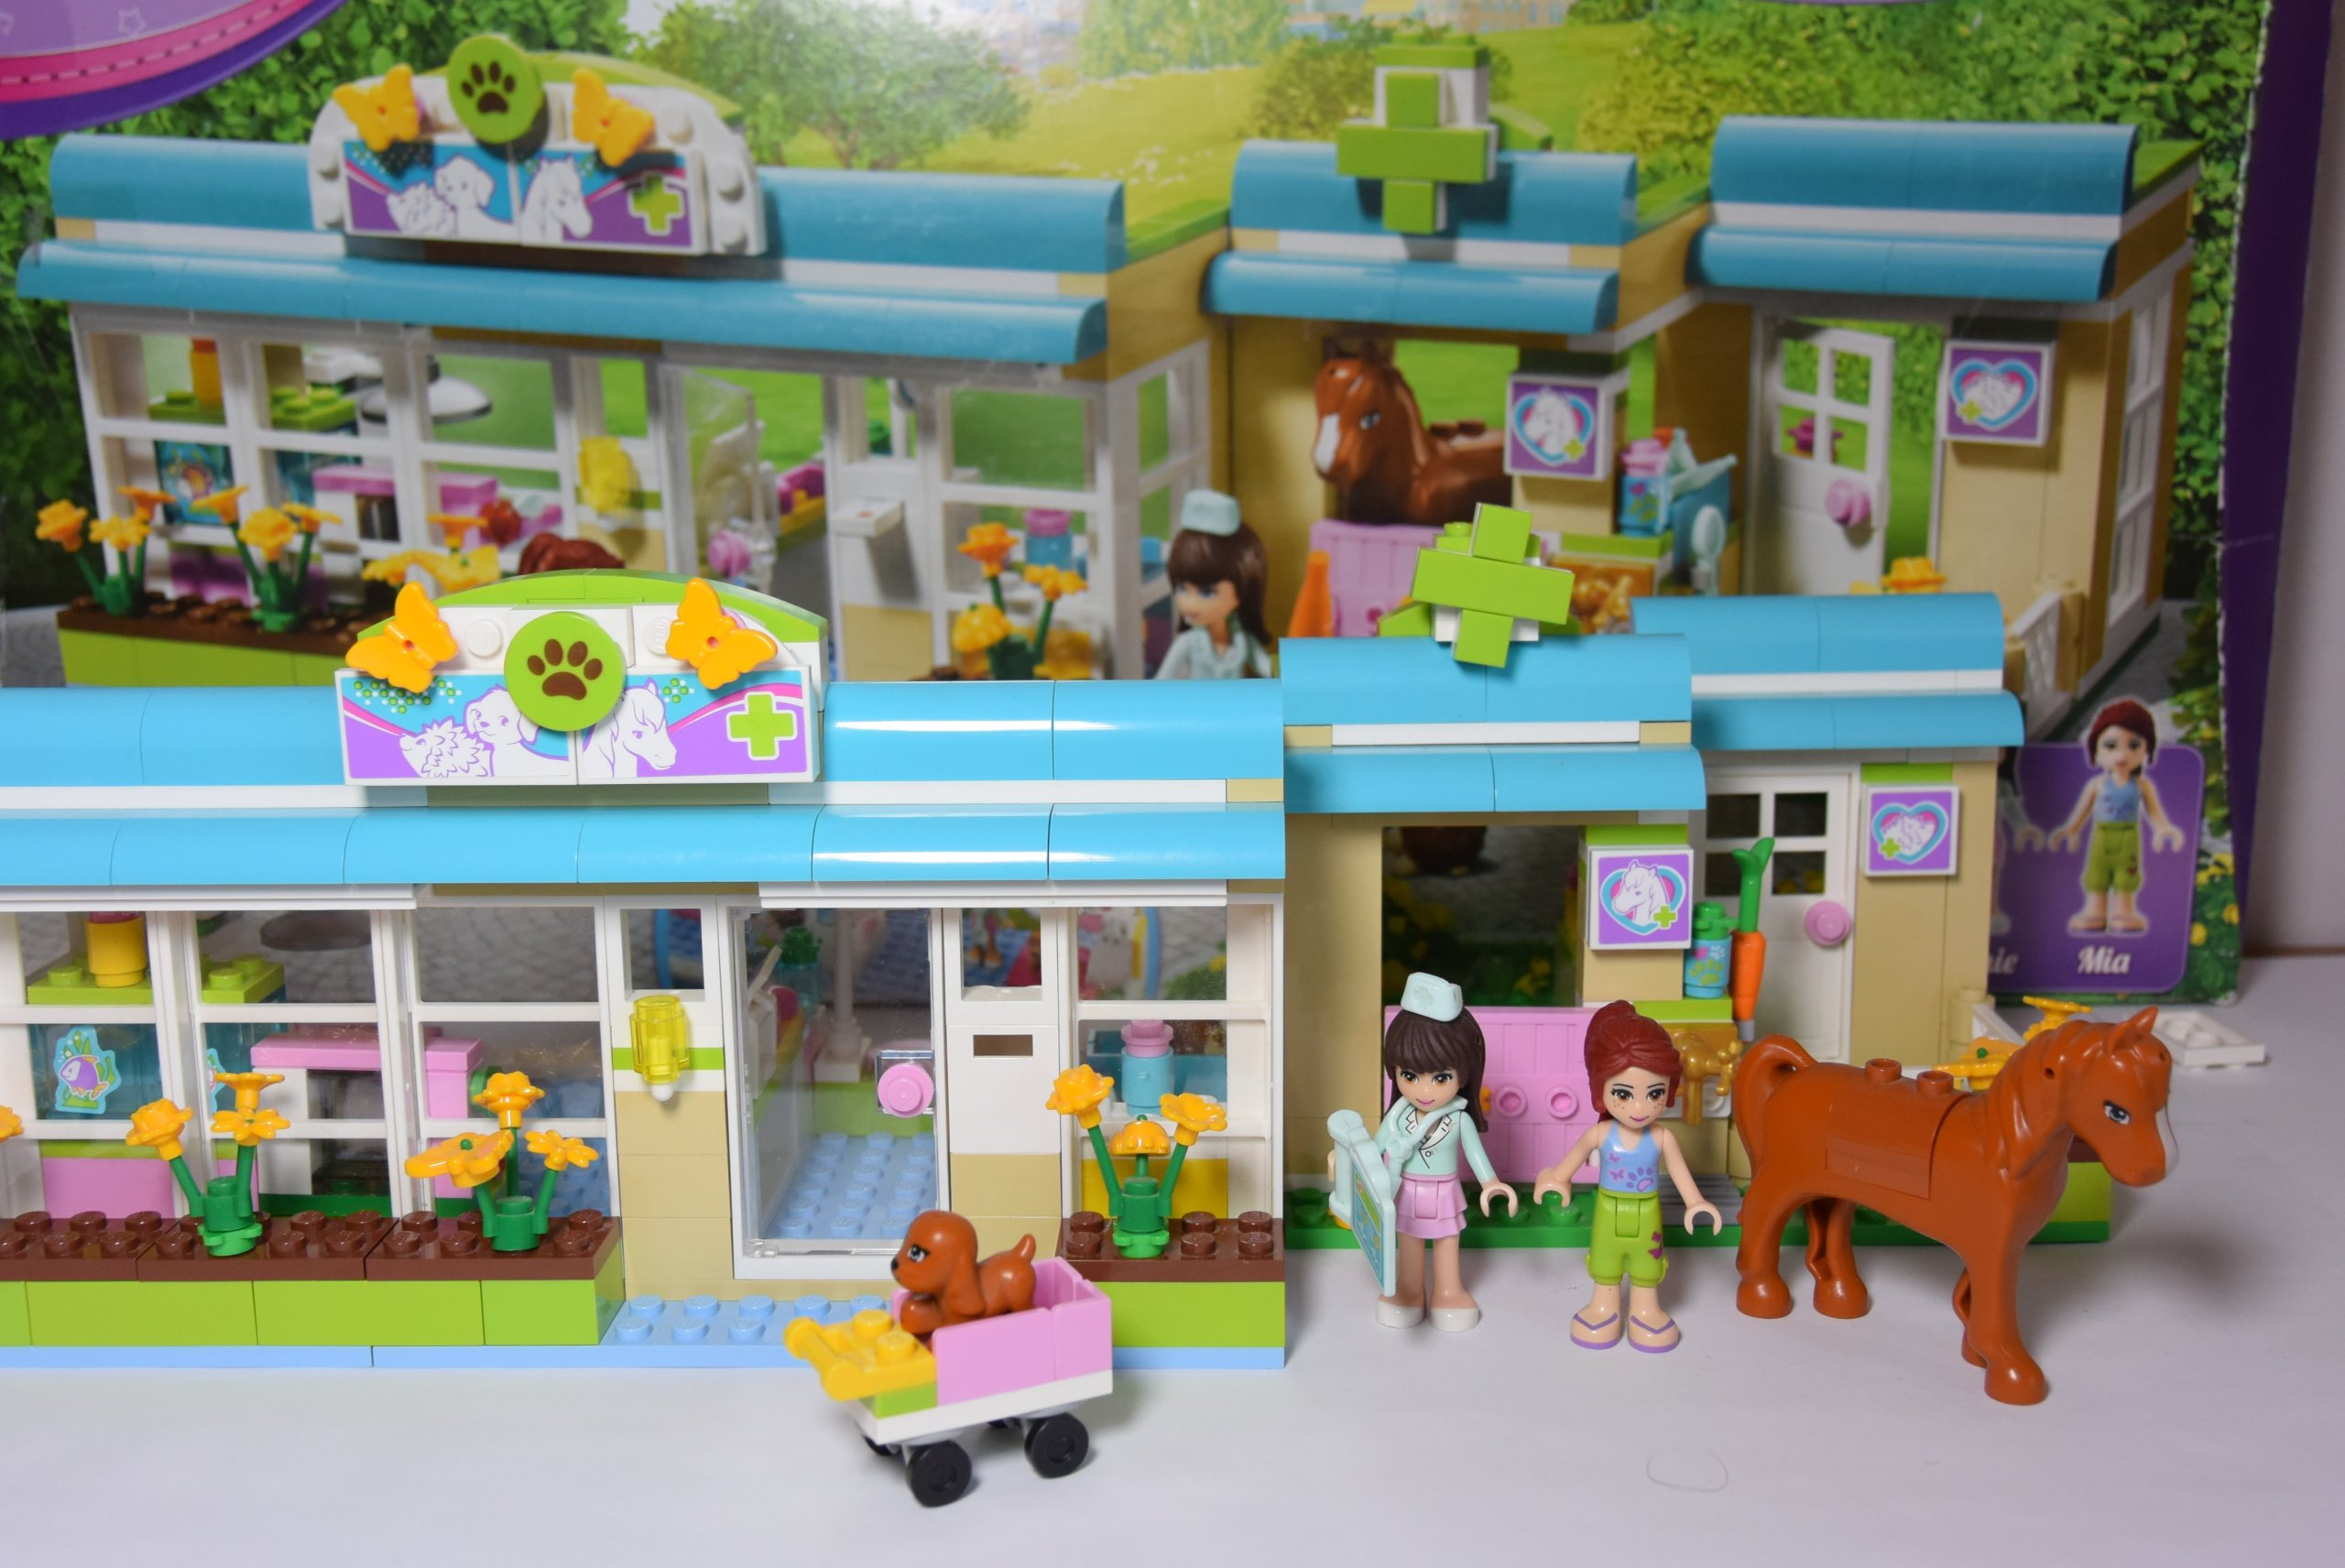 Klocki Lego Friends 3188 Weterynarz Duży 7216780034 Oficjalne